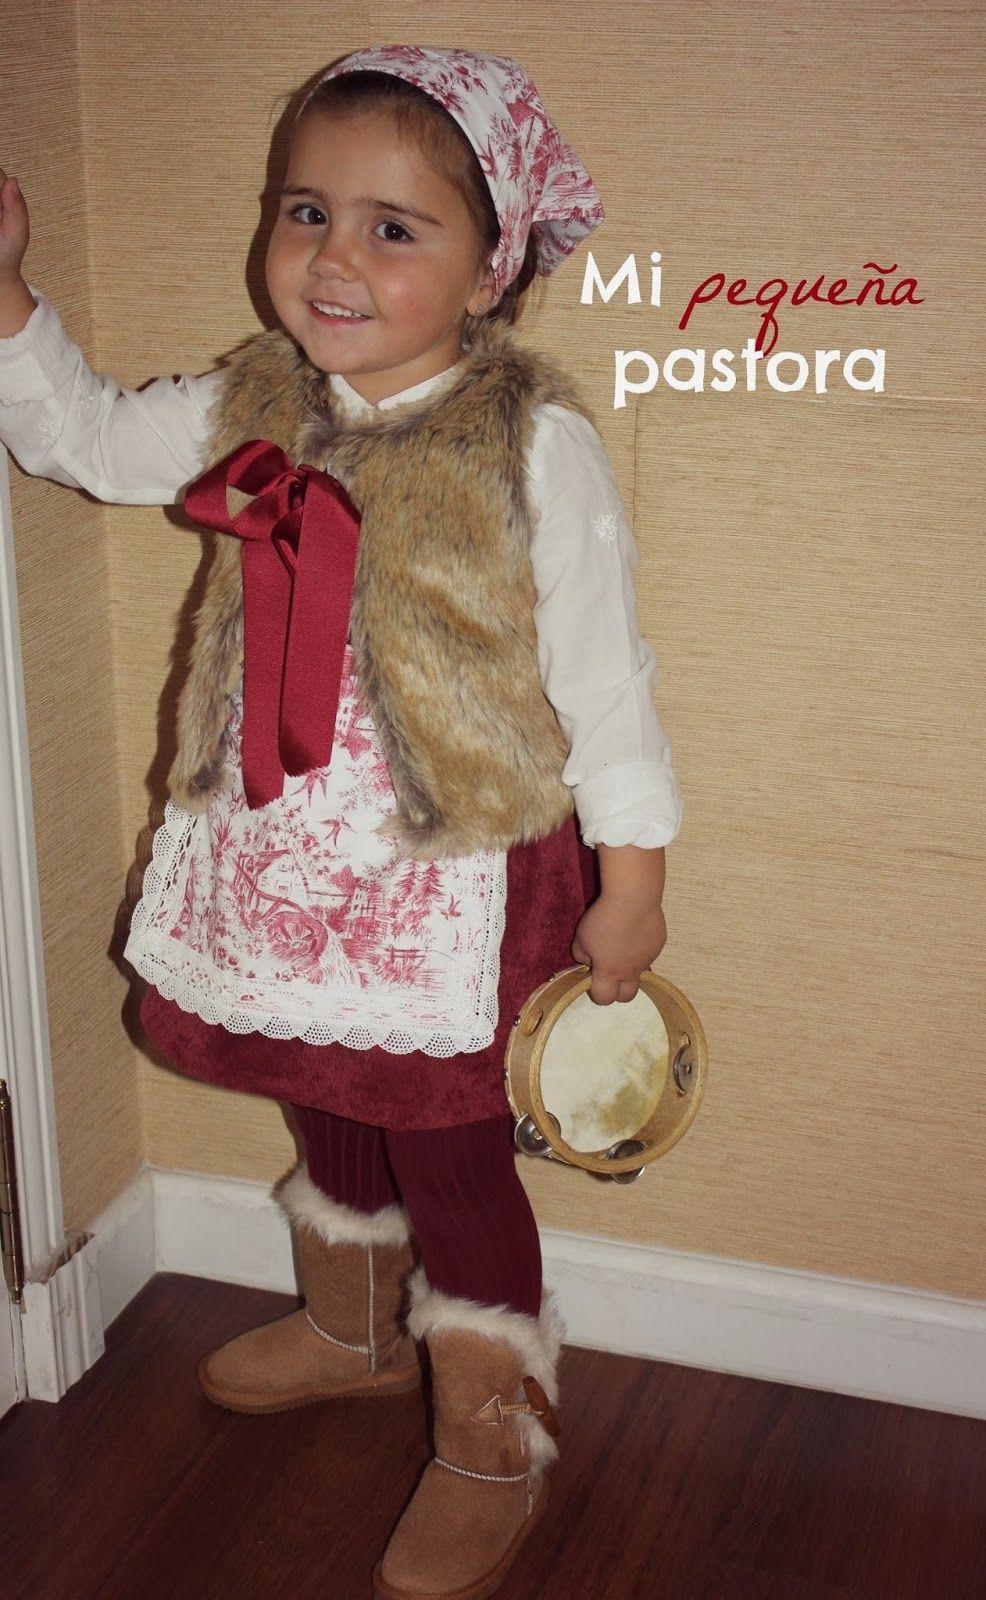 Rec rewind diy traje de pastora pastora traje de - Disfraces infantiles navidad ...